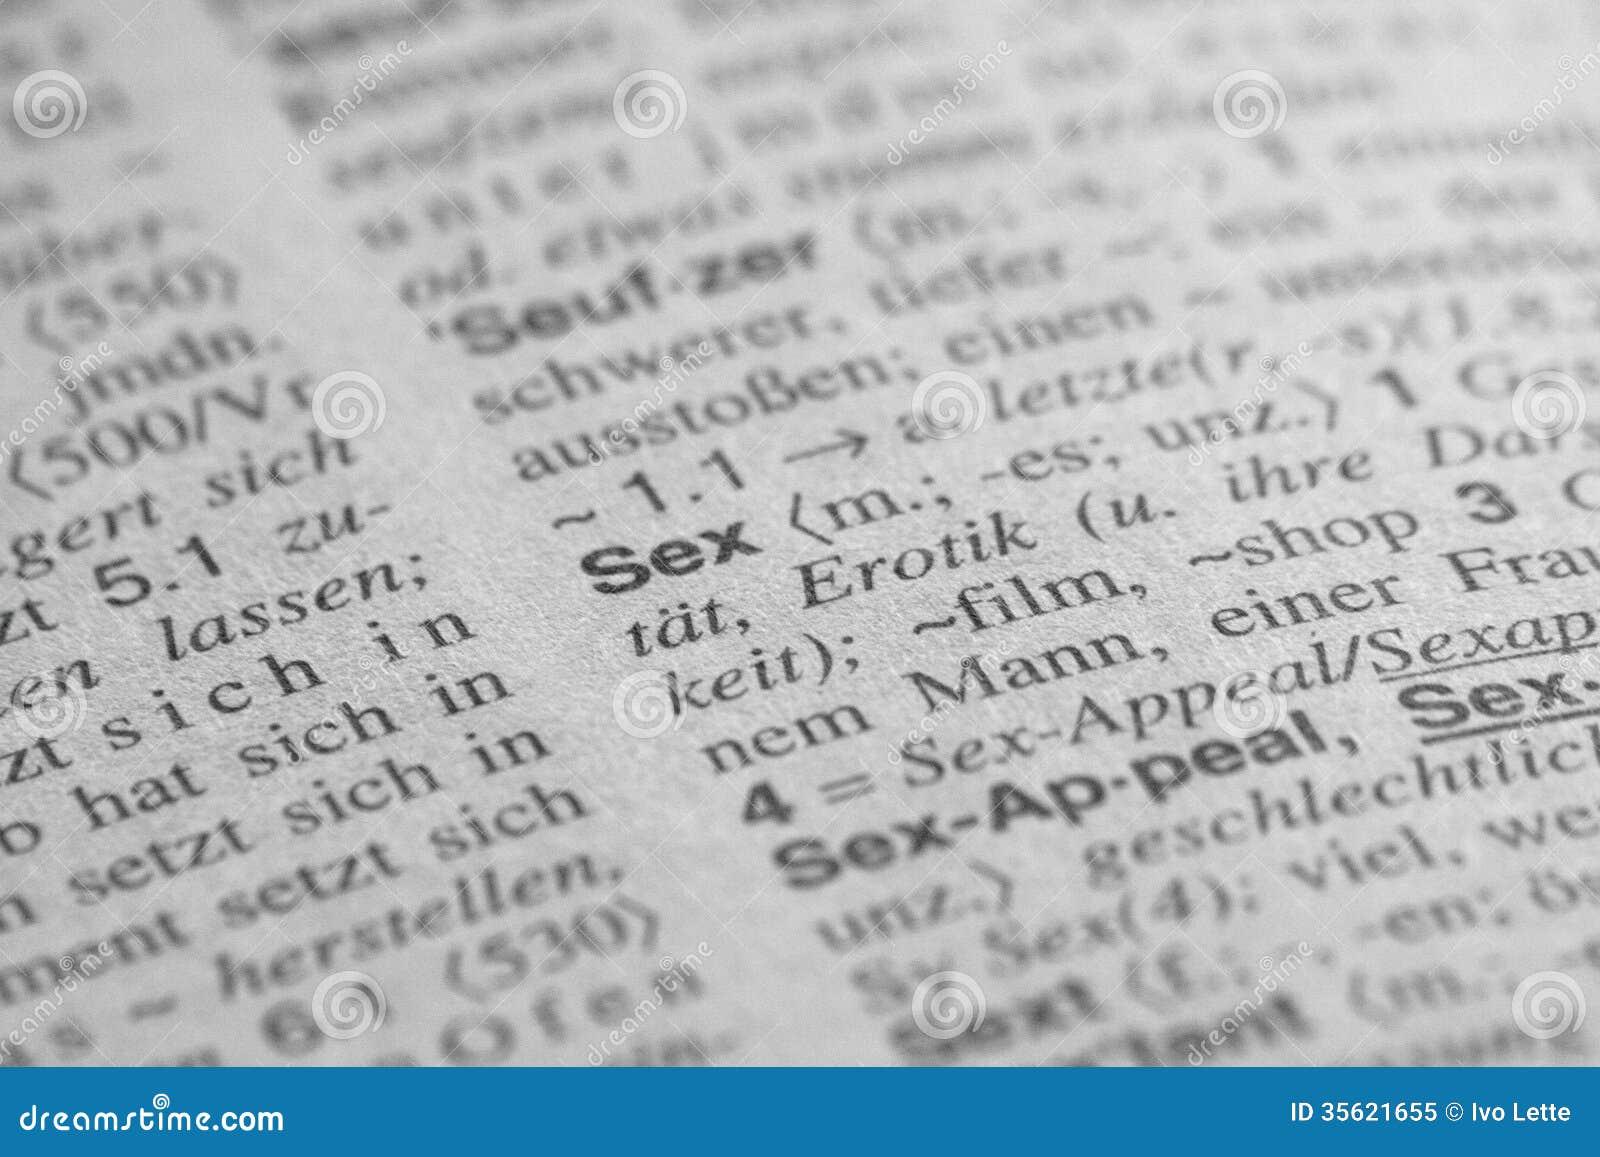 Sex auf deutsch